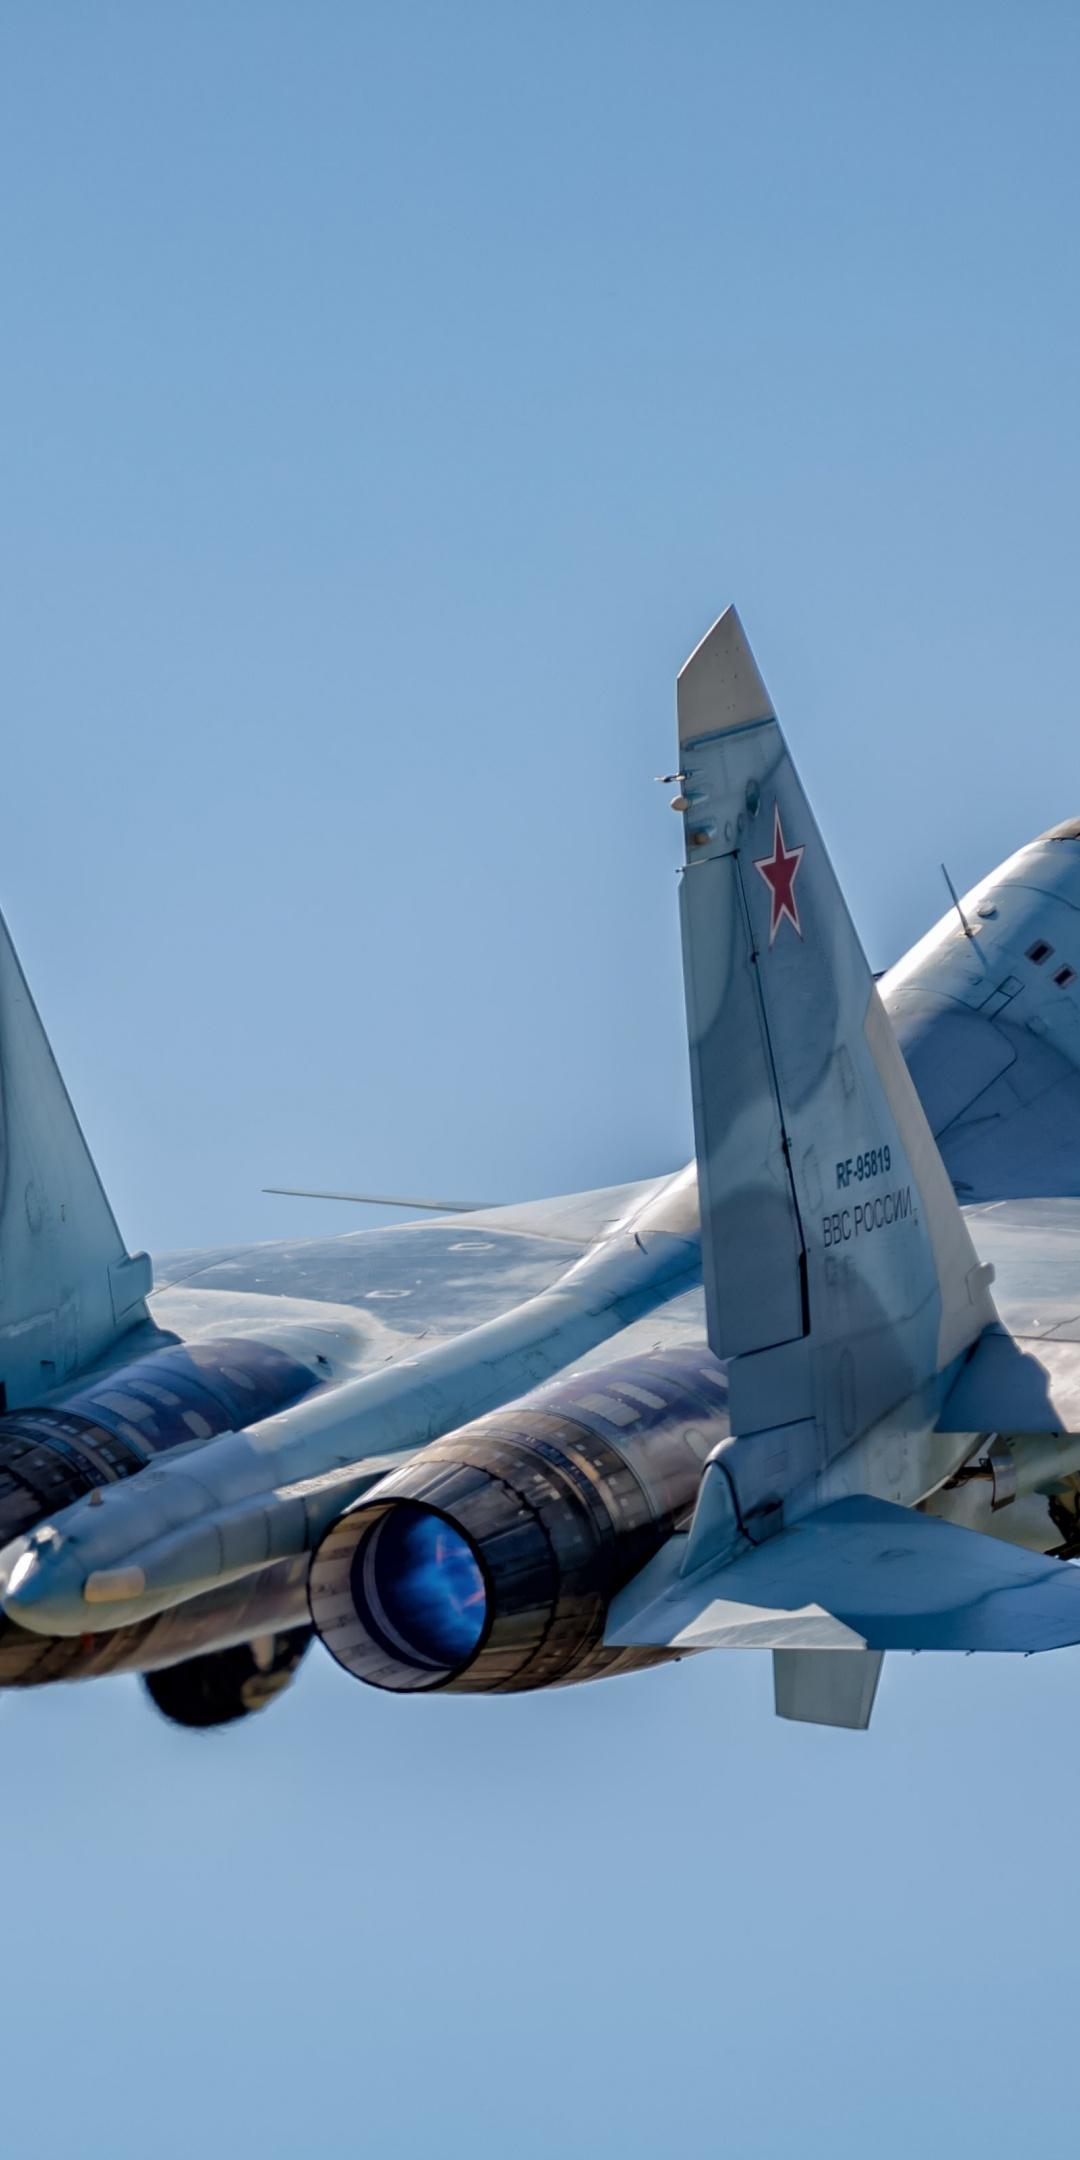 Military Sky Sukhoi Su 30 Aircraft Wallpaper Sukhoi Su